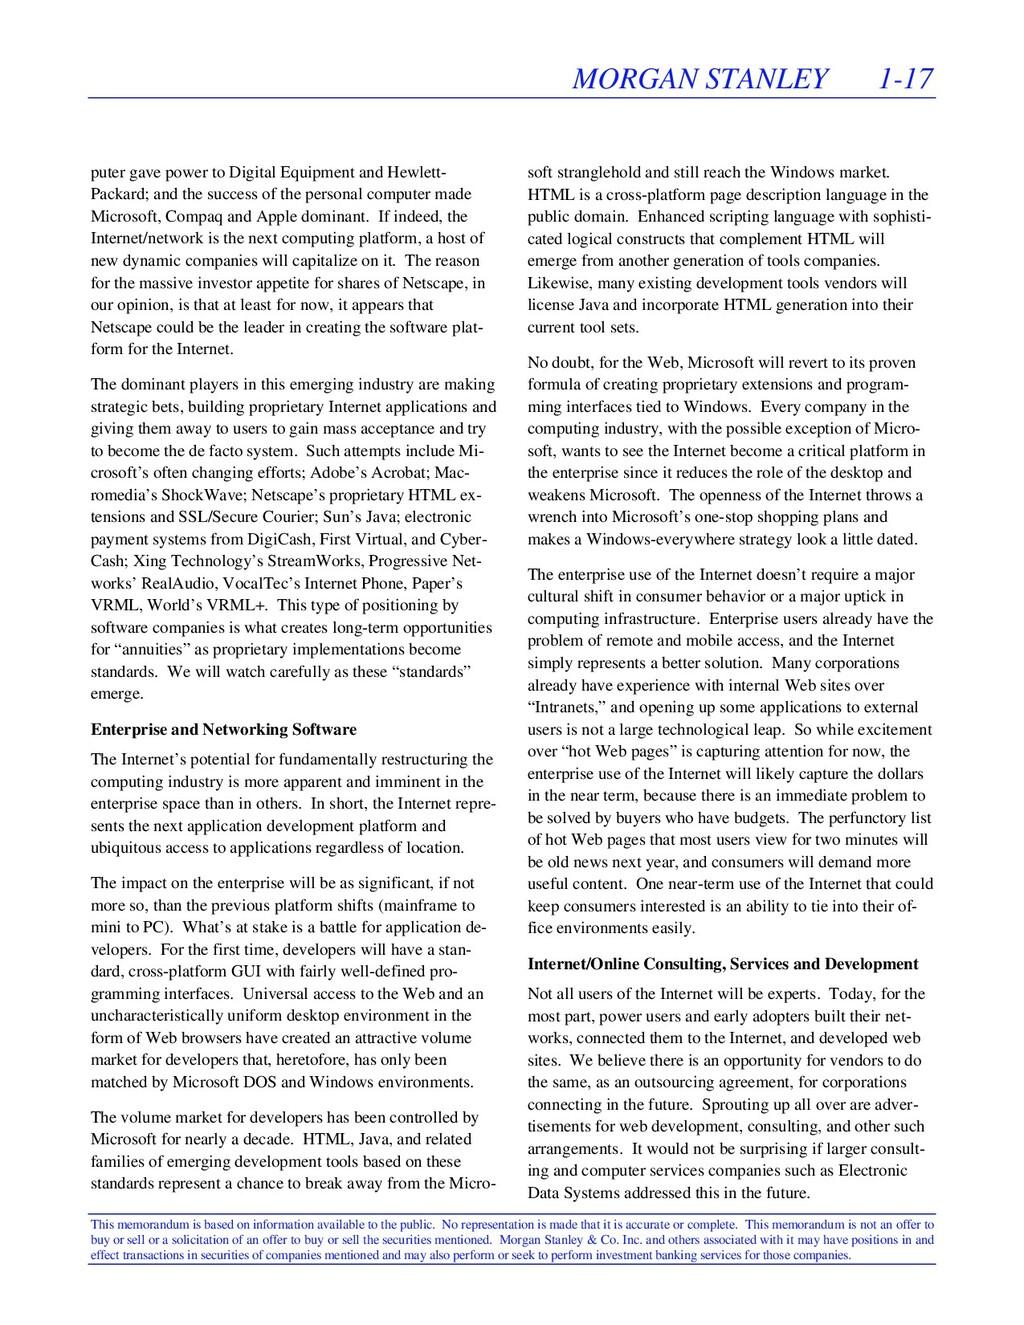 MORGAN STANLEY 1-17 This memorandum is based on...